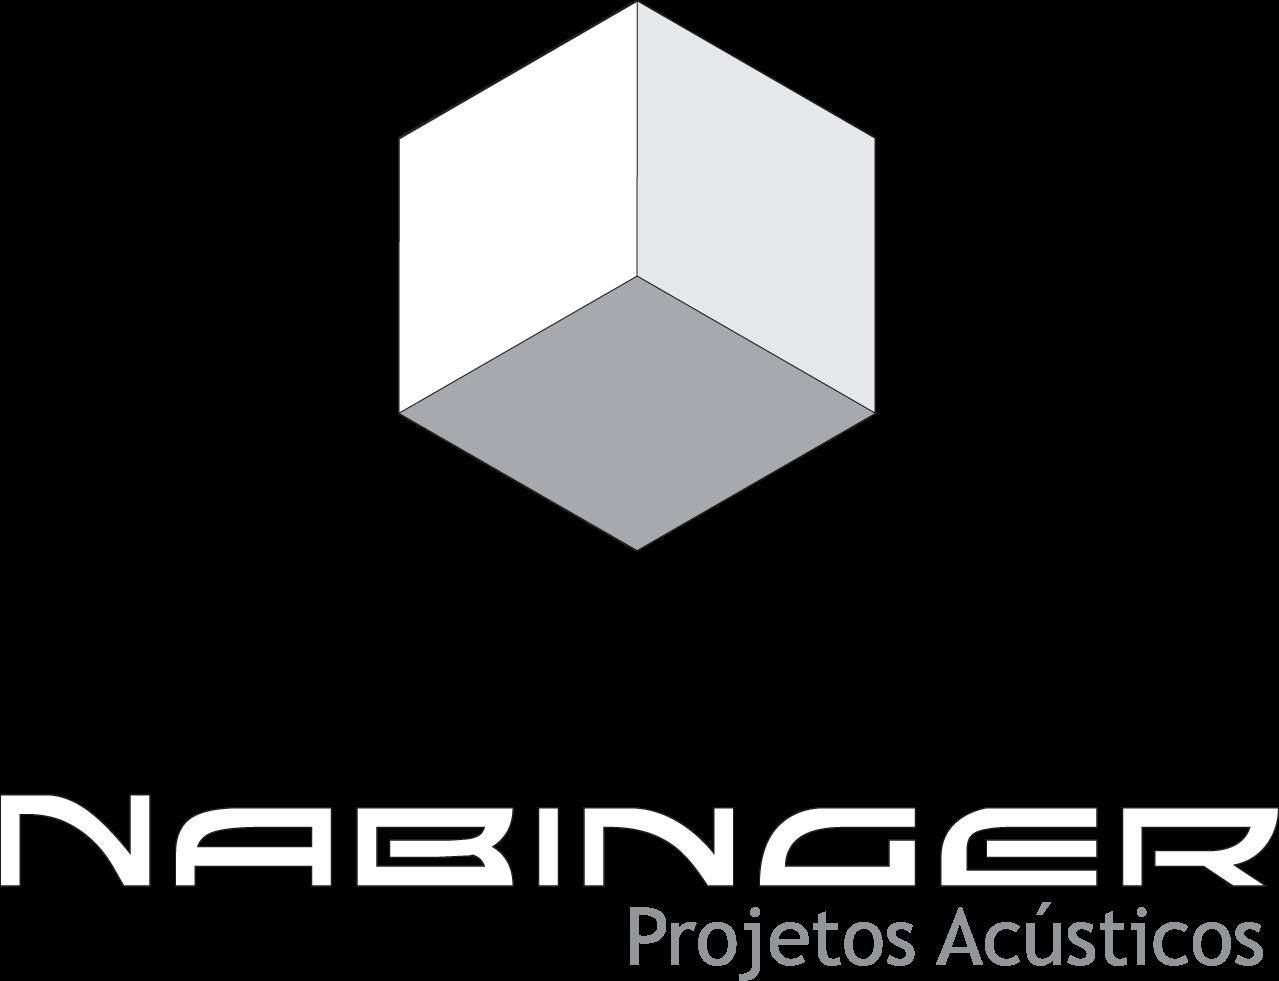 Nabinger - Projetos Acústicos